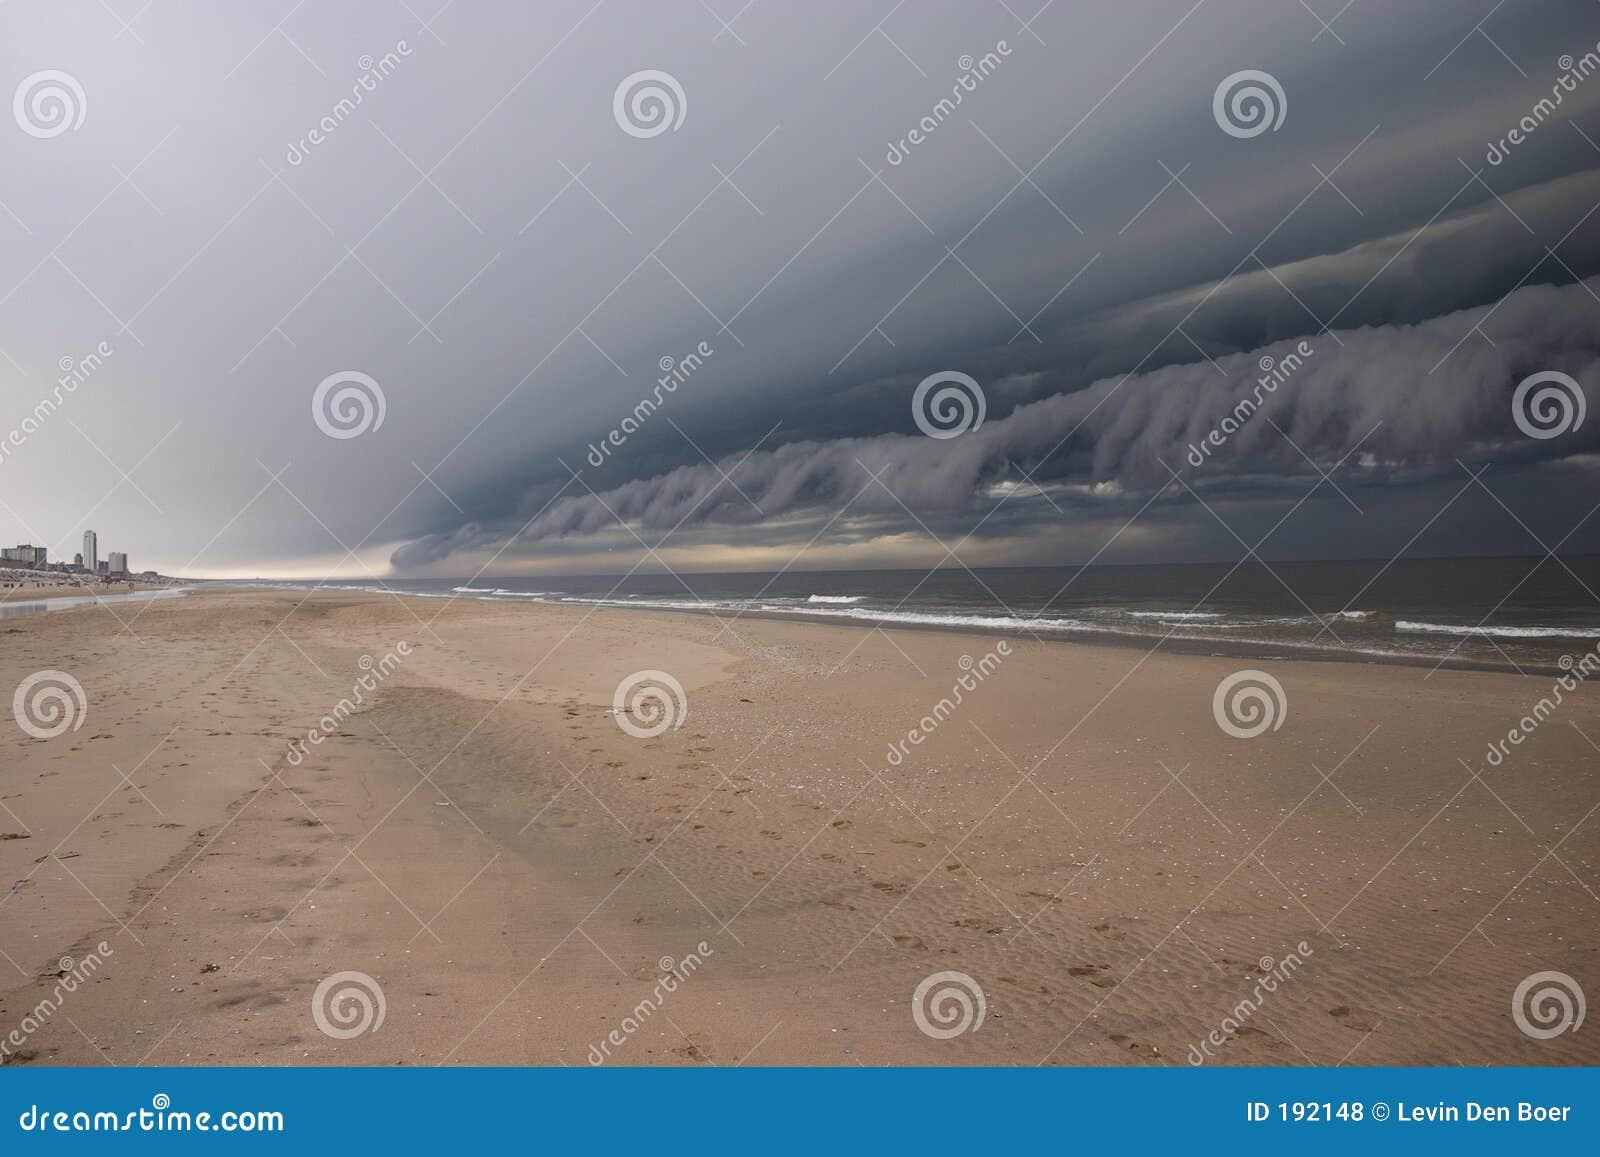 Zandvoort_009